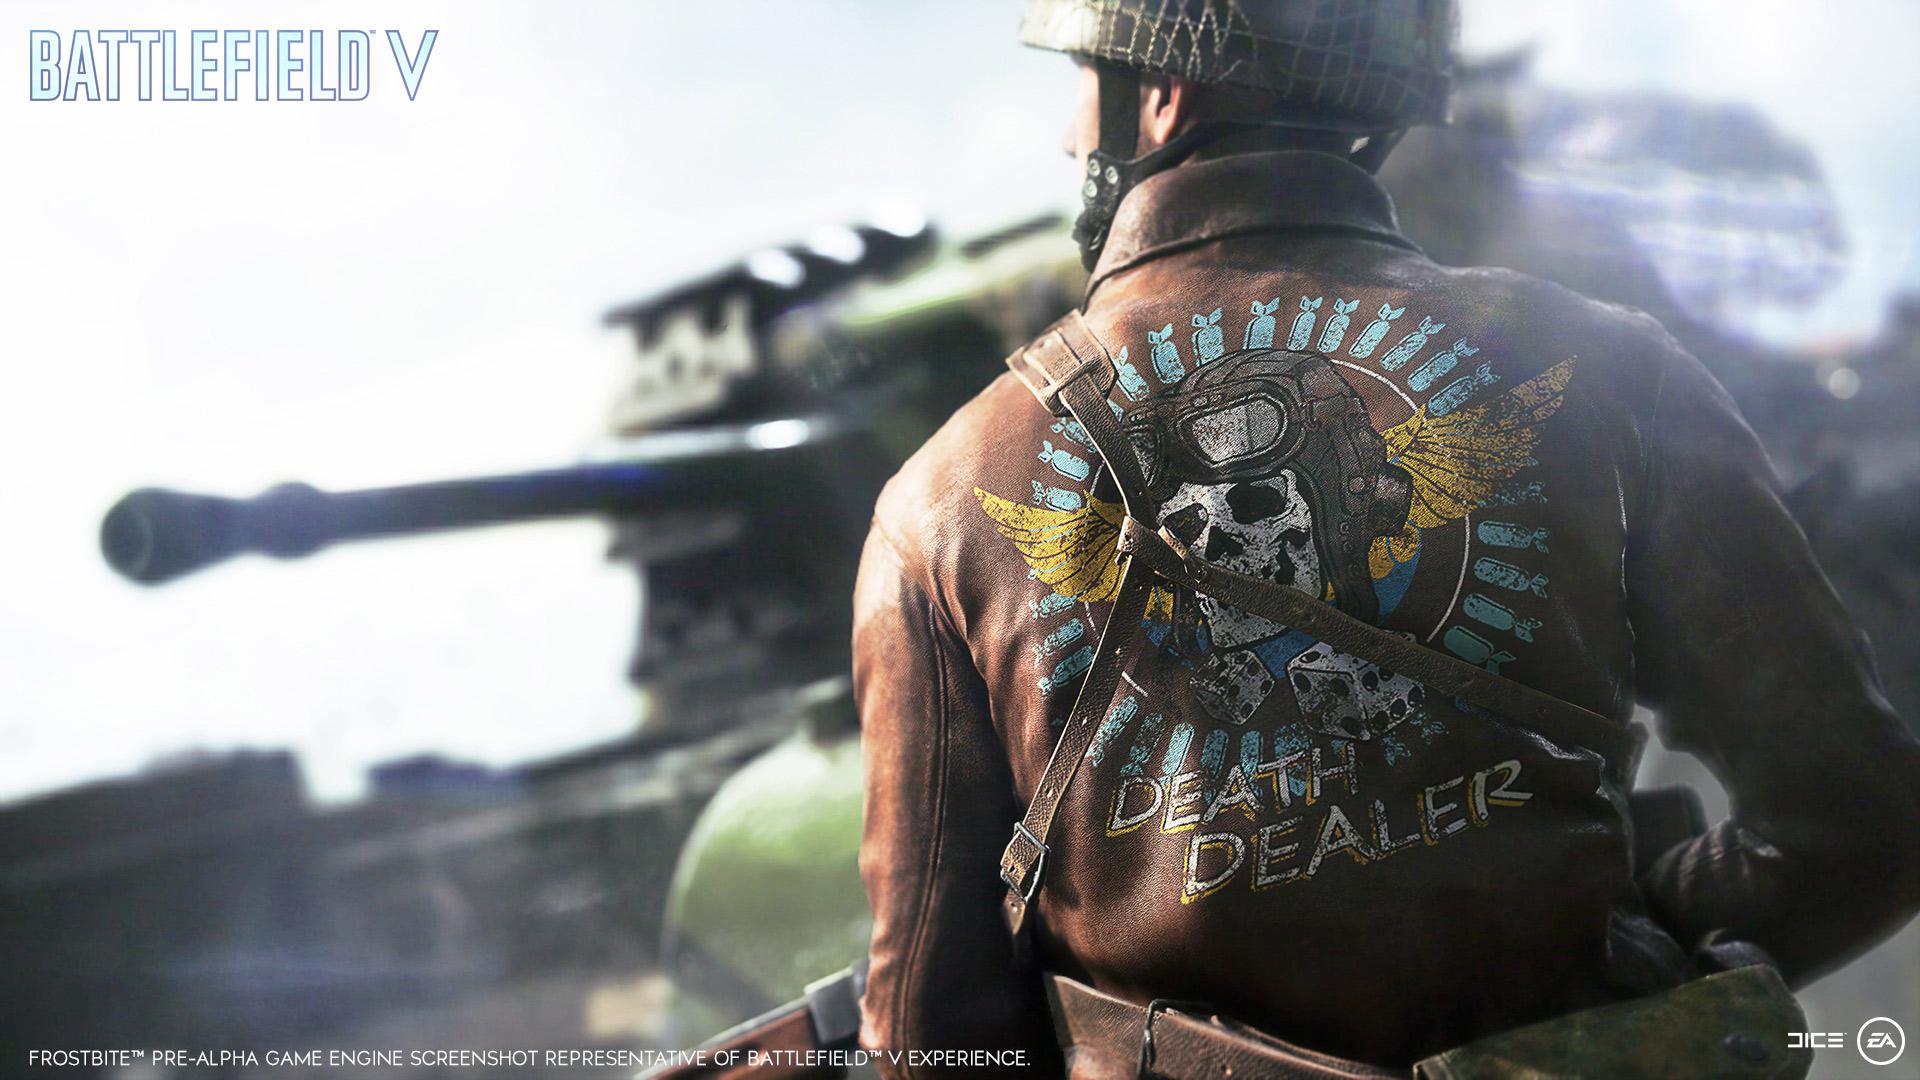 Battlefield V Reveal Trailer Blog Image 2